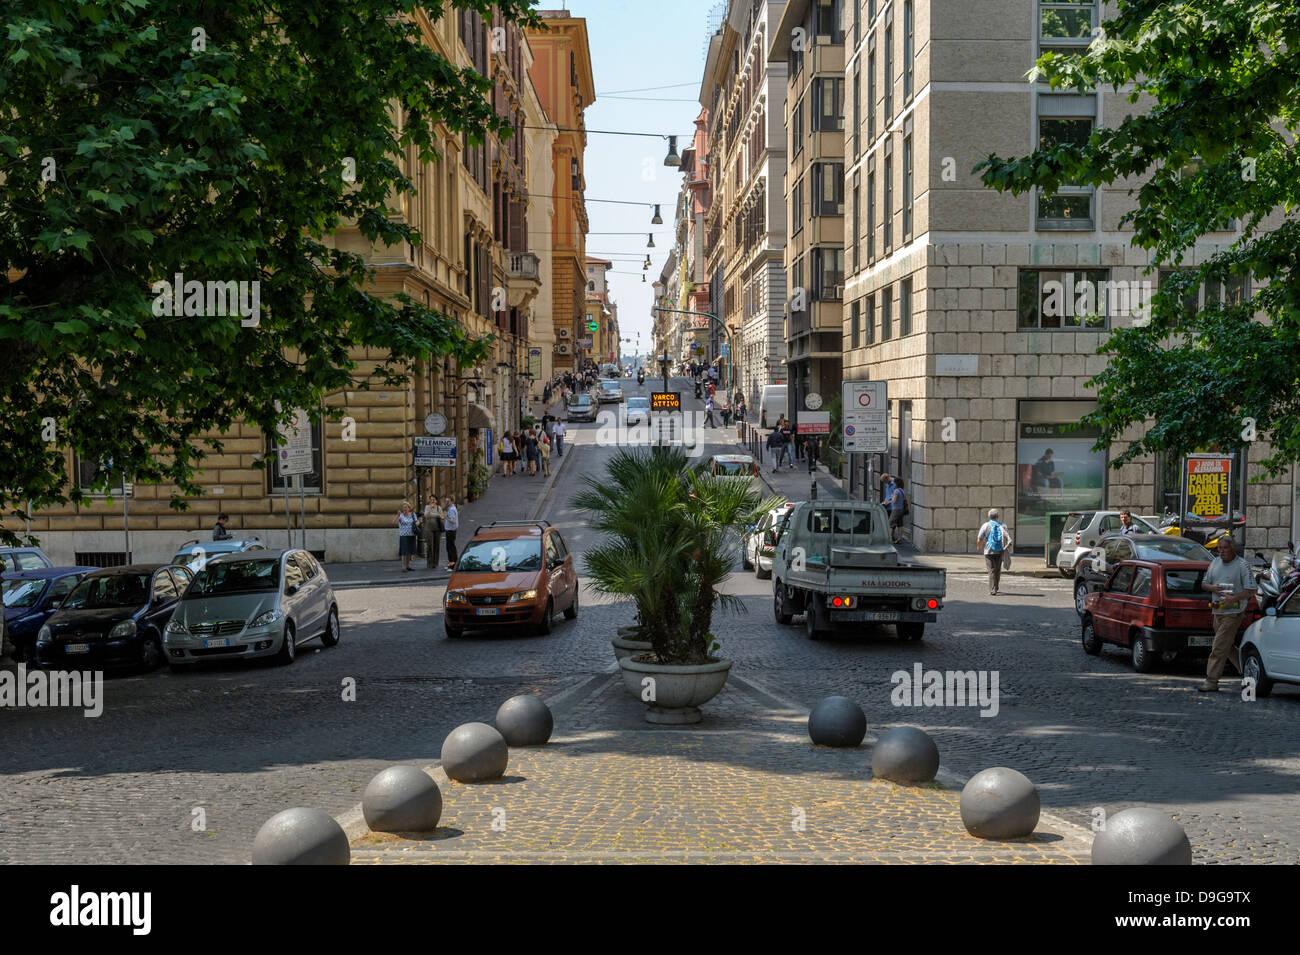 Rome City Centre 'Via Urbana' - Stock Image